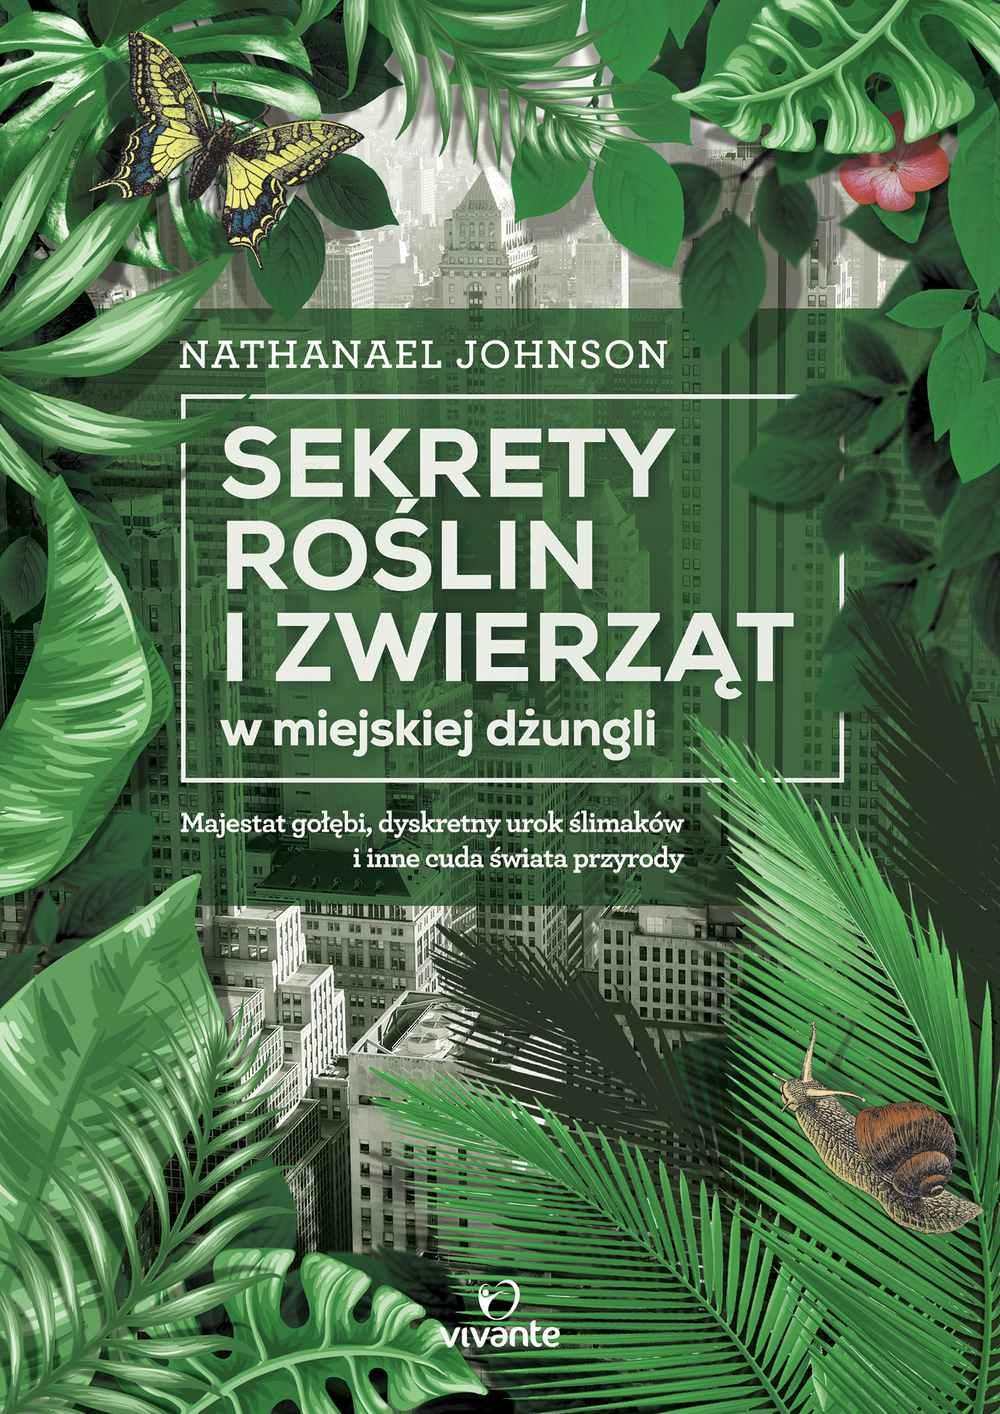 Sekrety roślin i zwierząt w miejskiej dżungli - Ebook (Książka EPUB) do pobrania w formacie EPUB